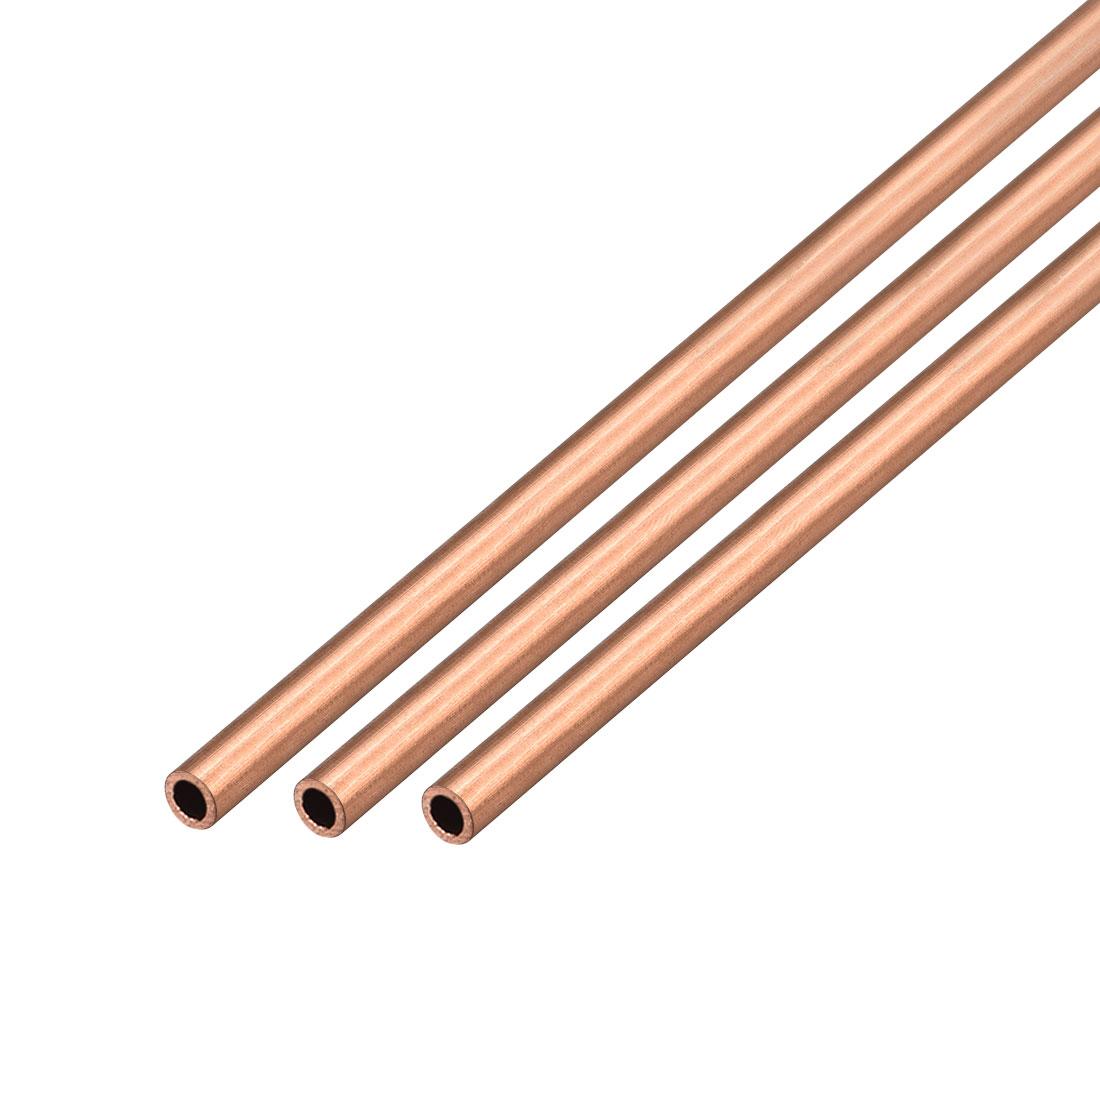 3Pcs 4mm Outside Diameter x 3mm Inside Diameter 500mm Copper Round Tube Pipe